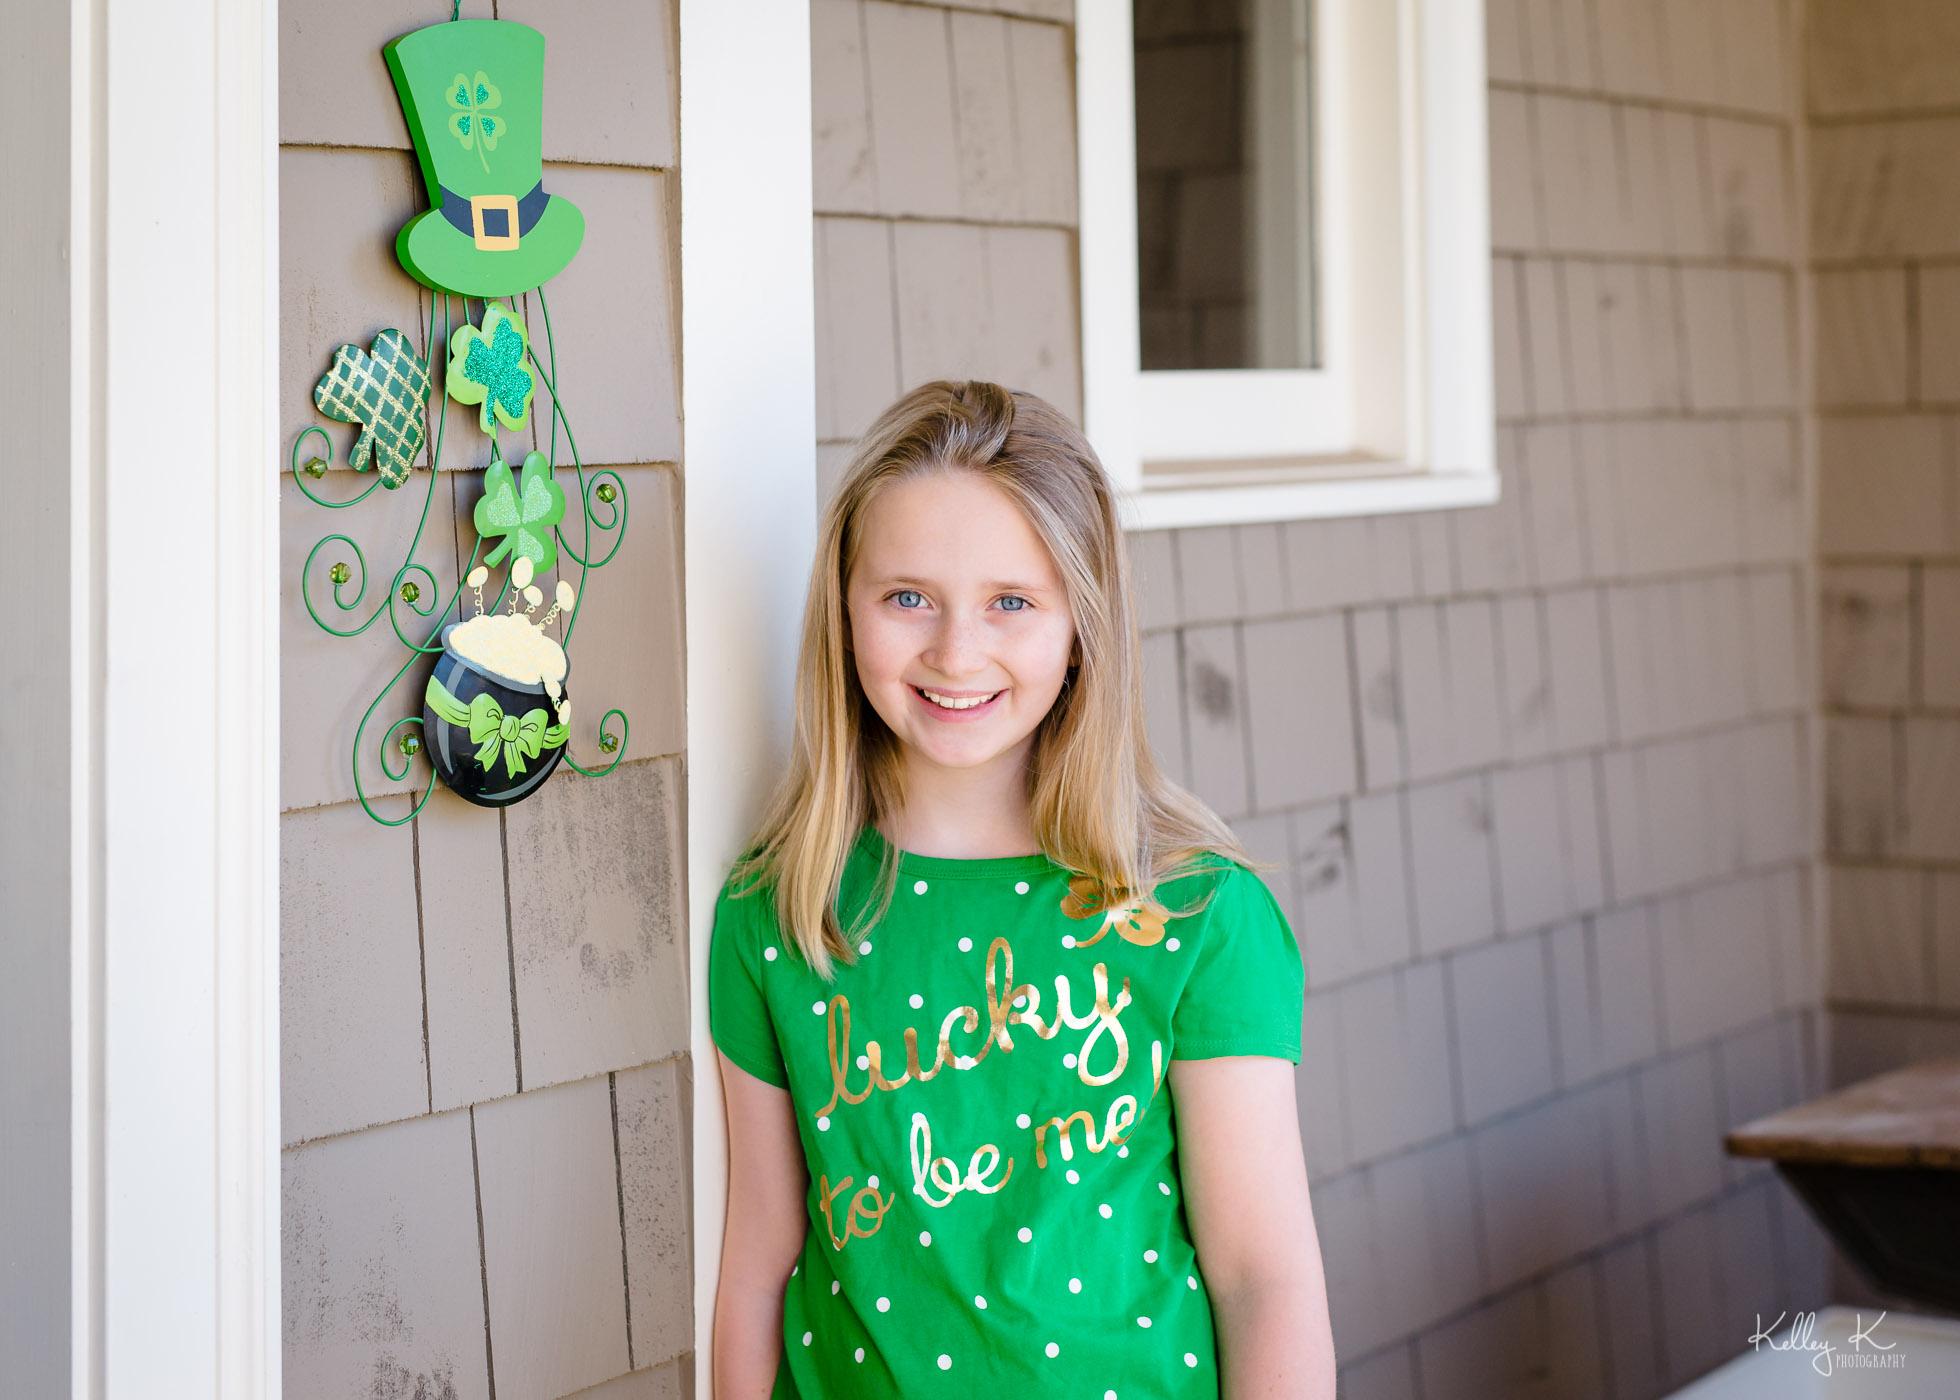 girl-green-lucky-StPatricksDay-by-KelleyKPhotography-Smyrna.jpg